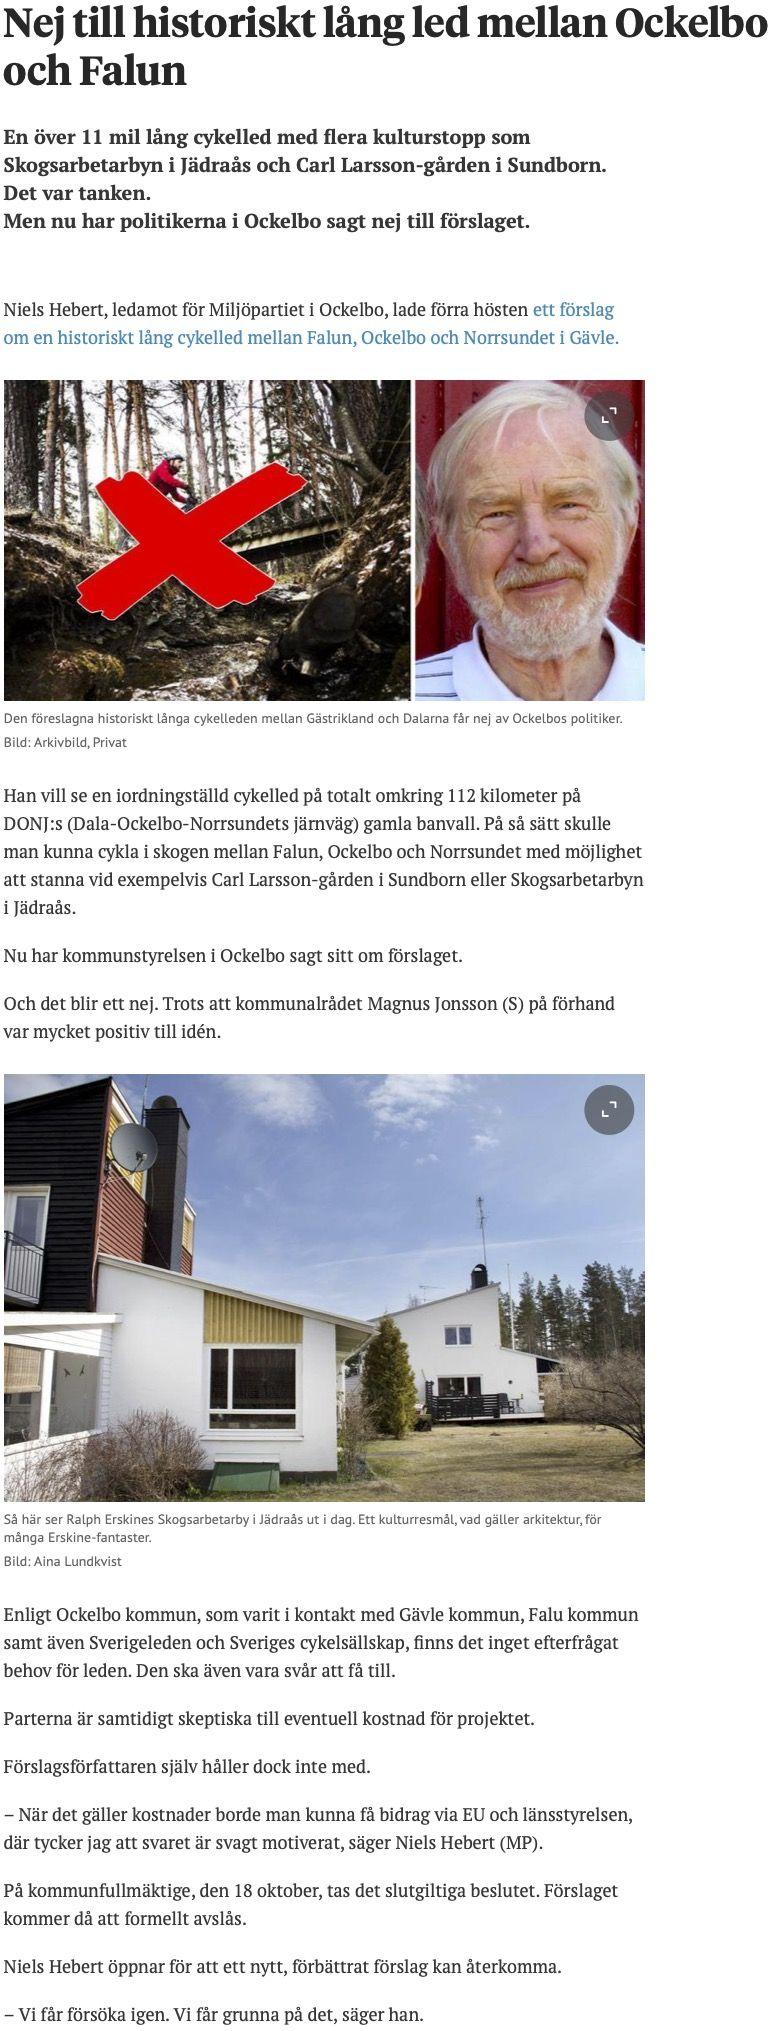 nej-till-historiskt-lang-led-mellan-ockelbo-och-falun-1.jpg